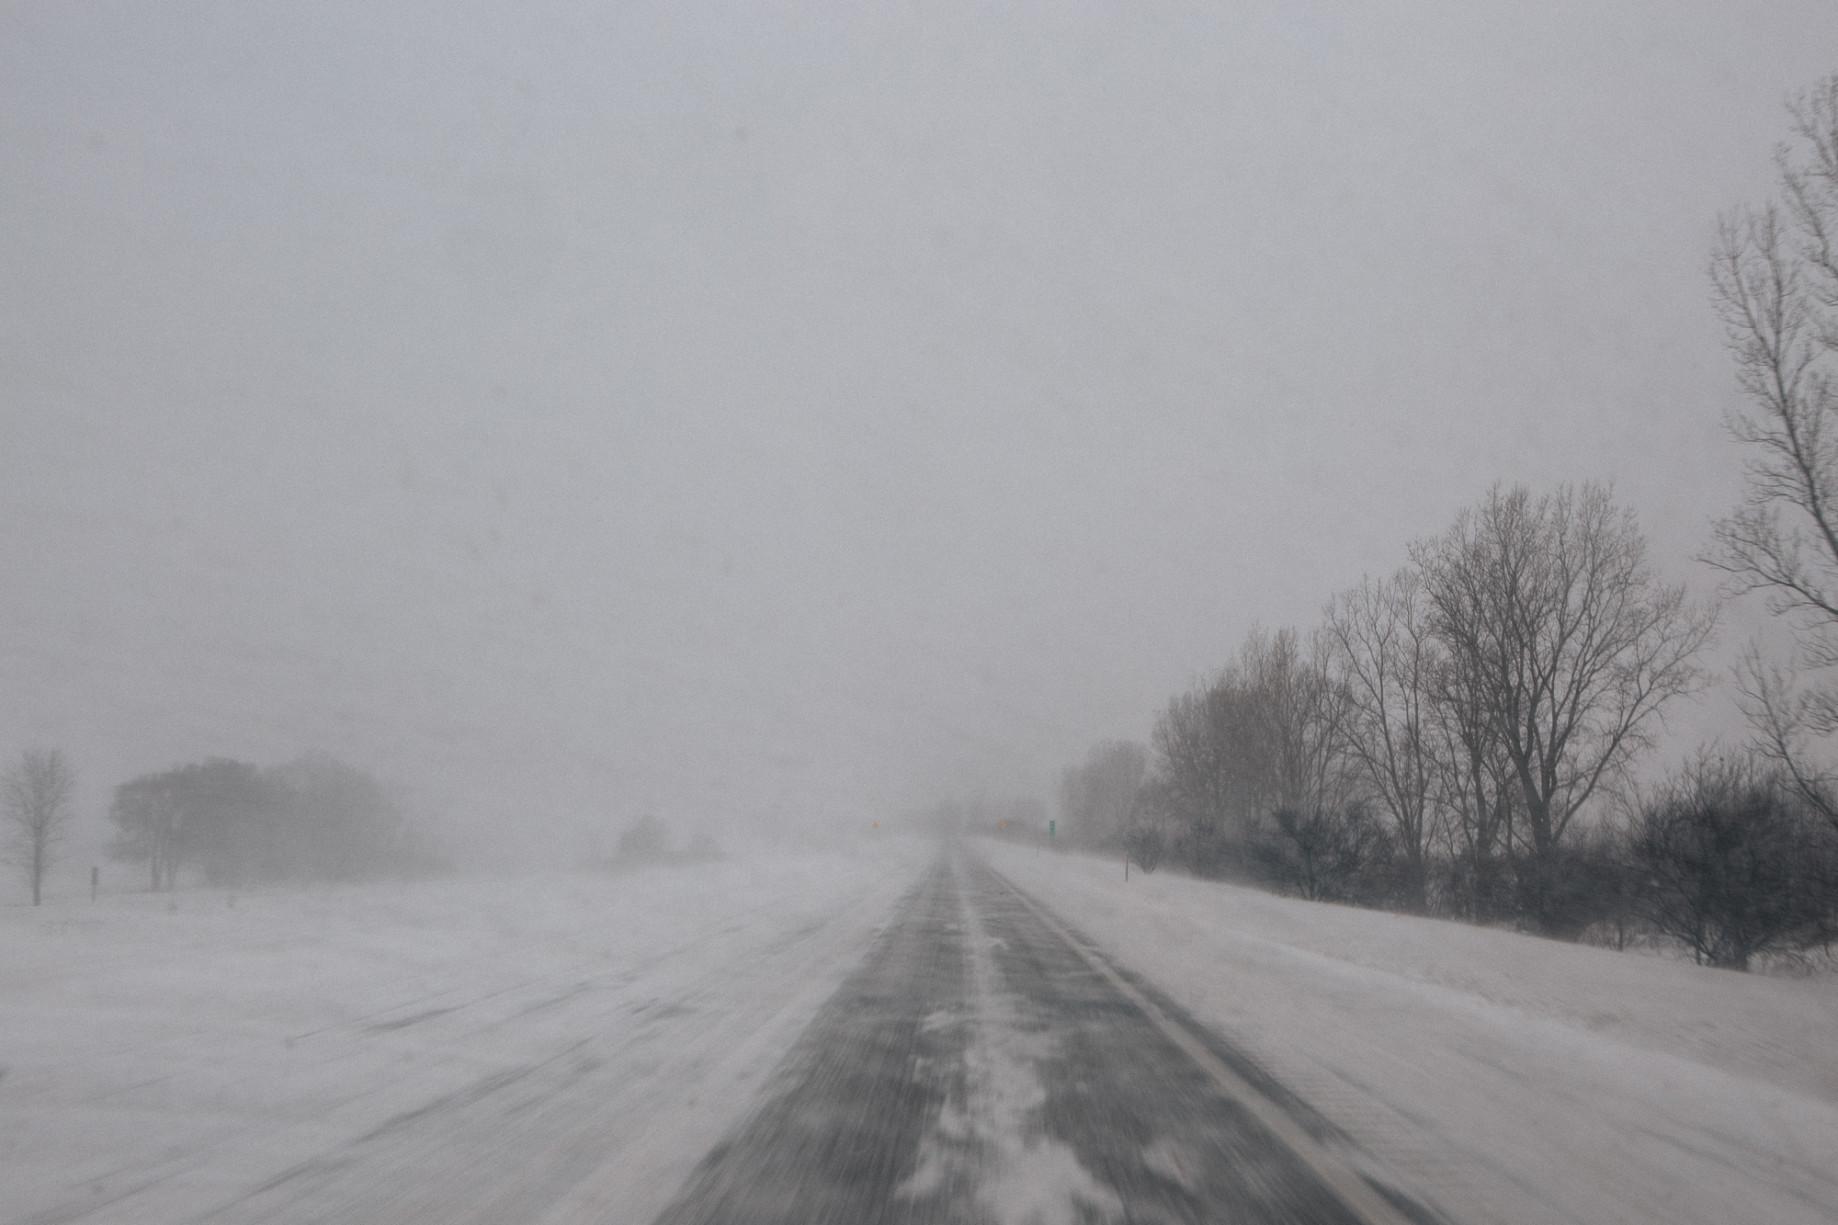 simonweller-frozenstates-whiteout